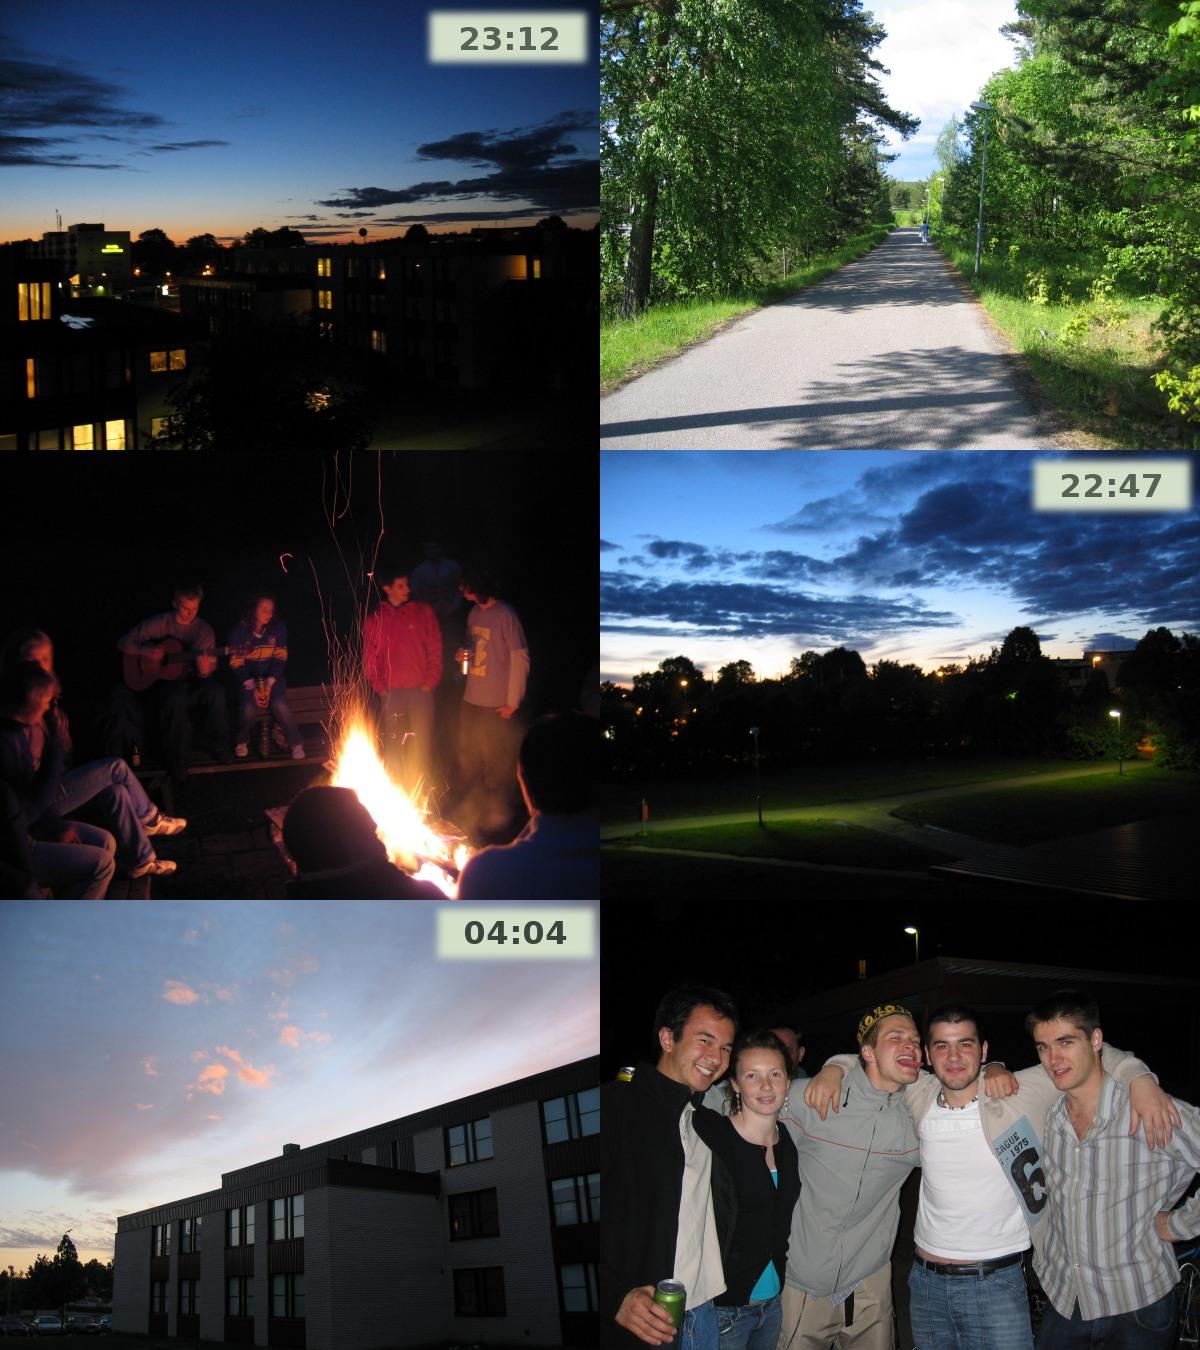 Suède estivale: verte, lumineuse et chaleureuse